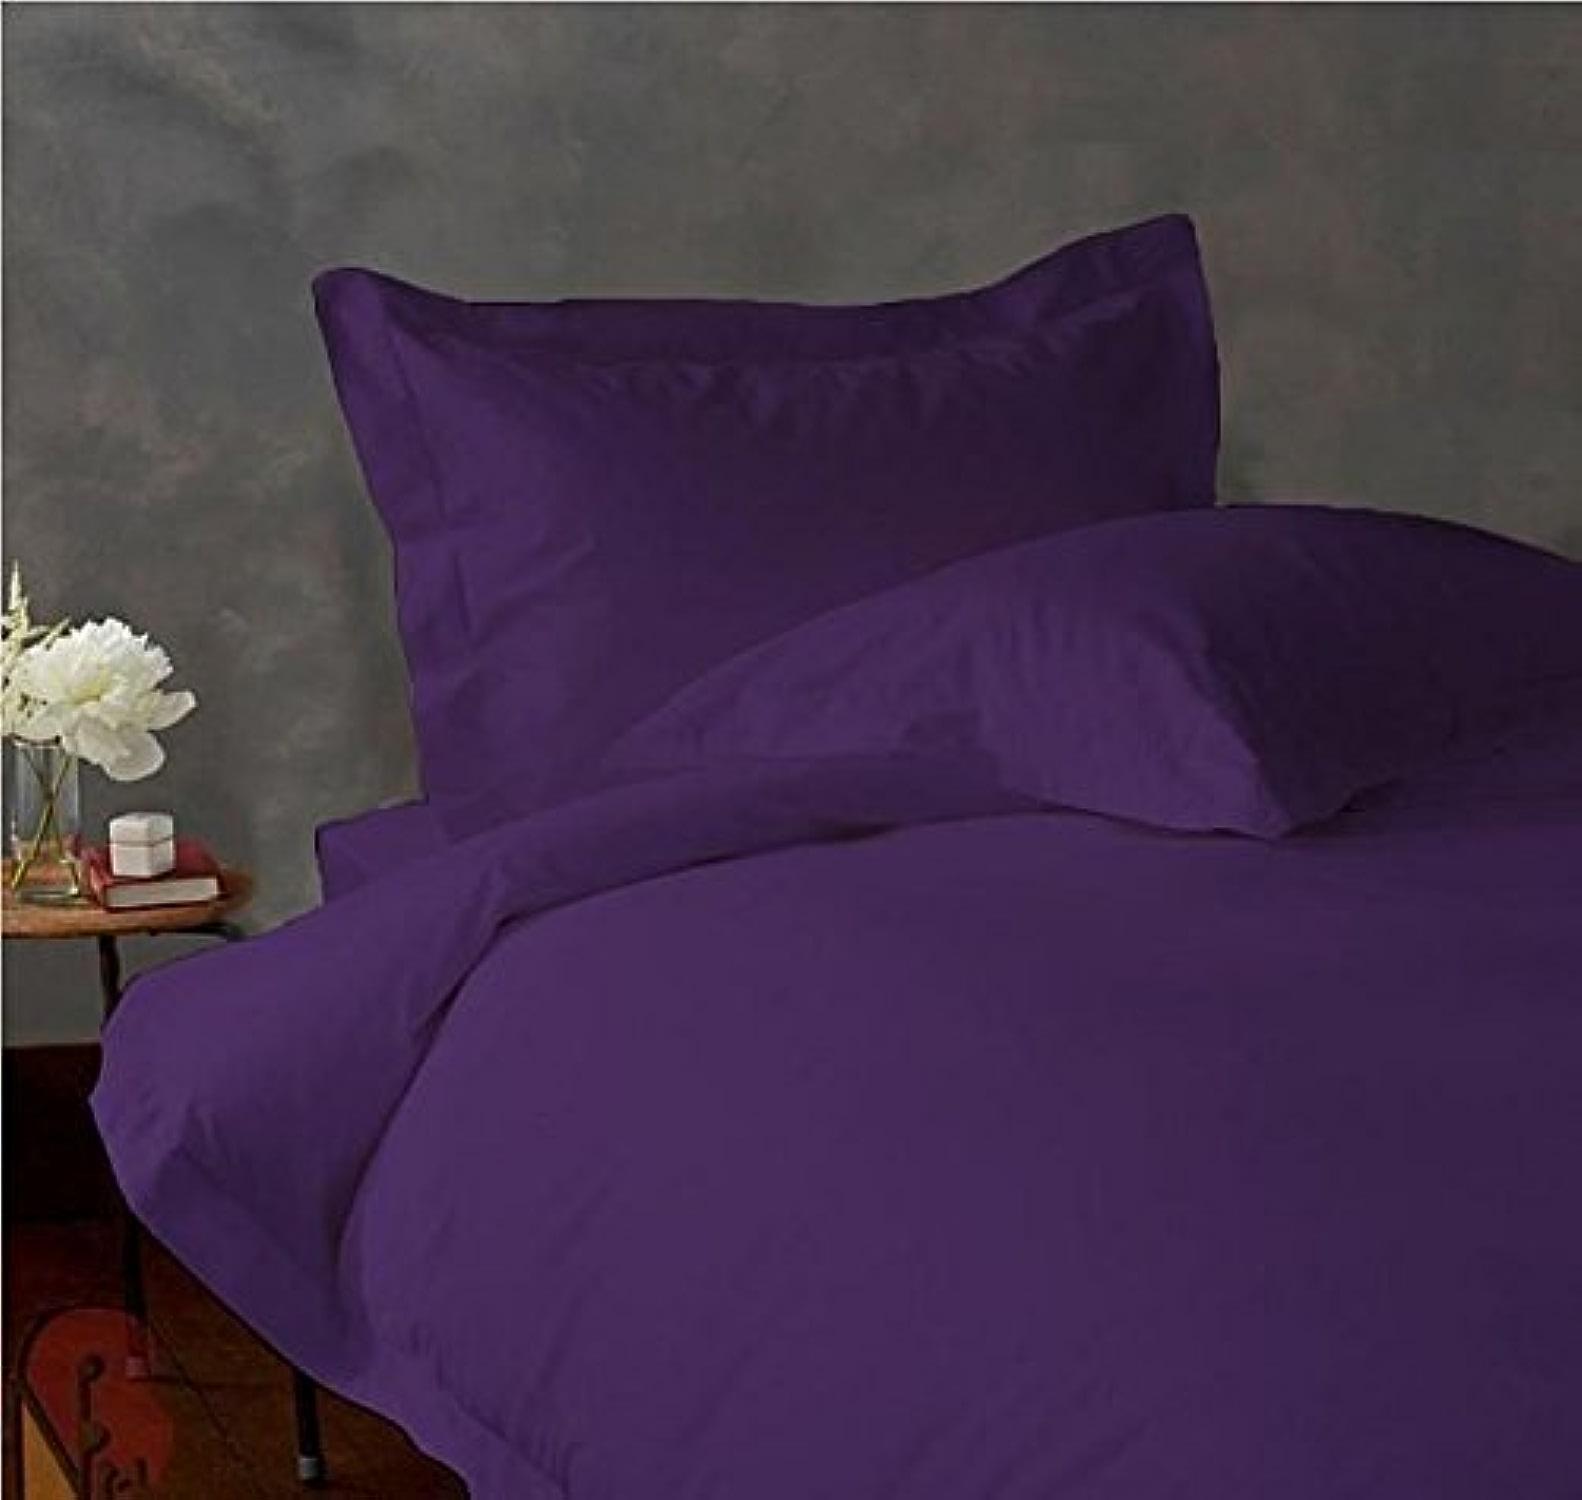 Oreiller Sham -2PC 600tc Italien Finition Violet foncé Solide Couleur Noir Super King Taille (50,8x 101,6cm) 100% Coton égypcravaten en Paradis d'outre-mer